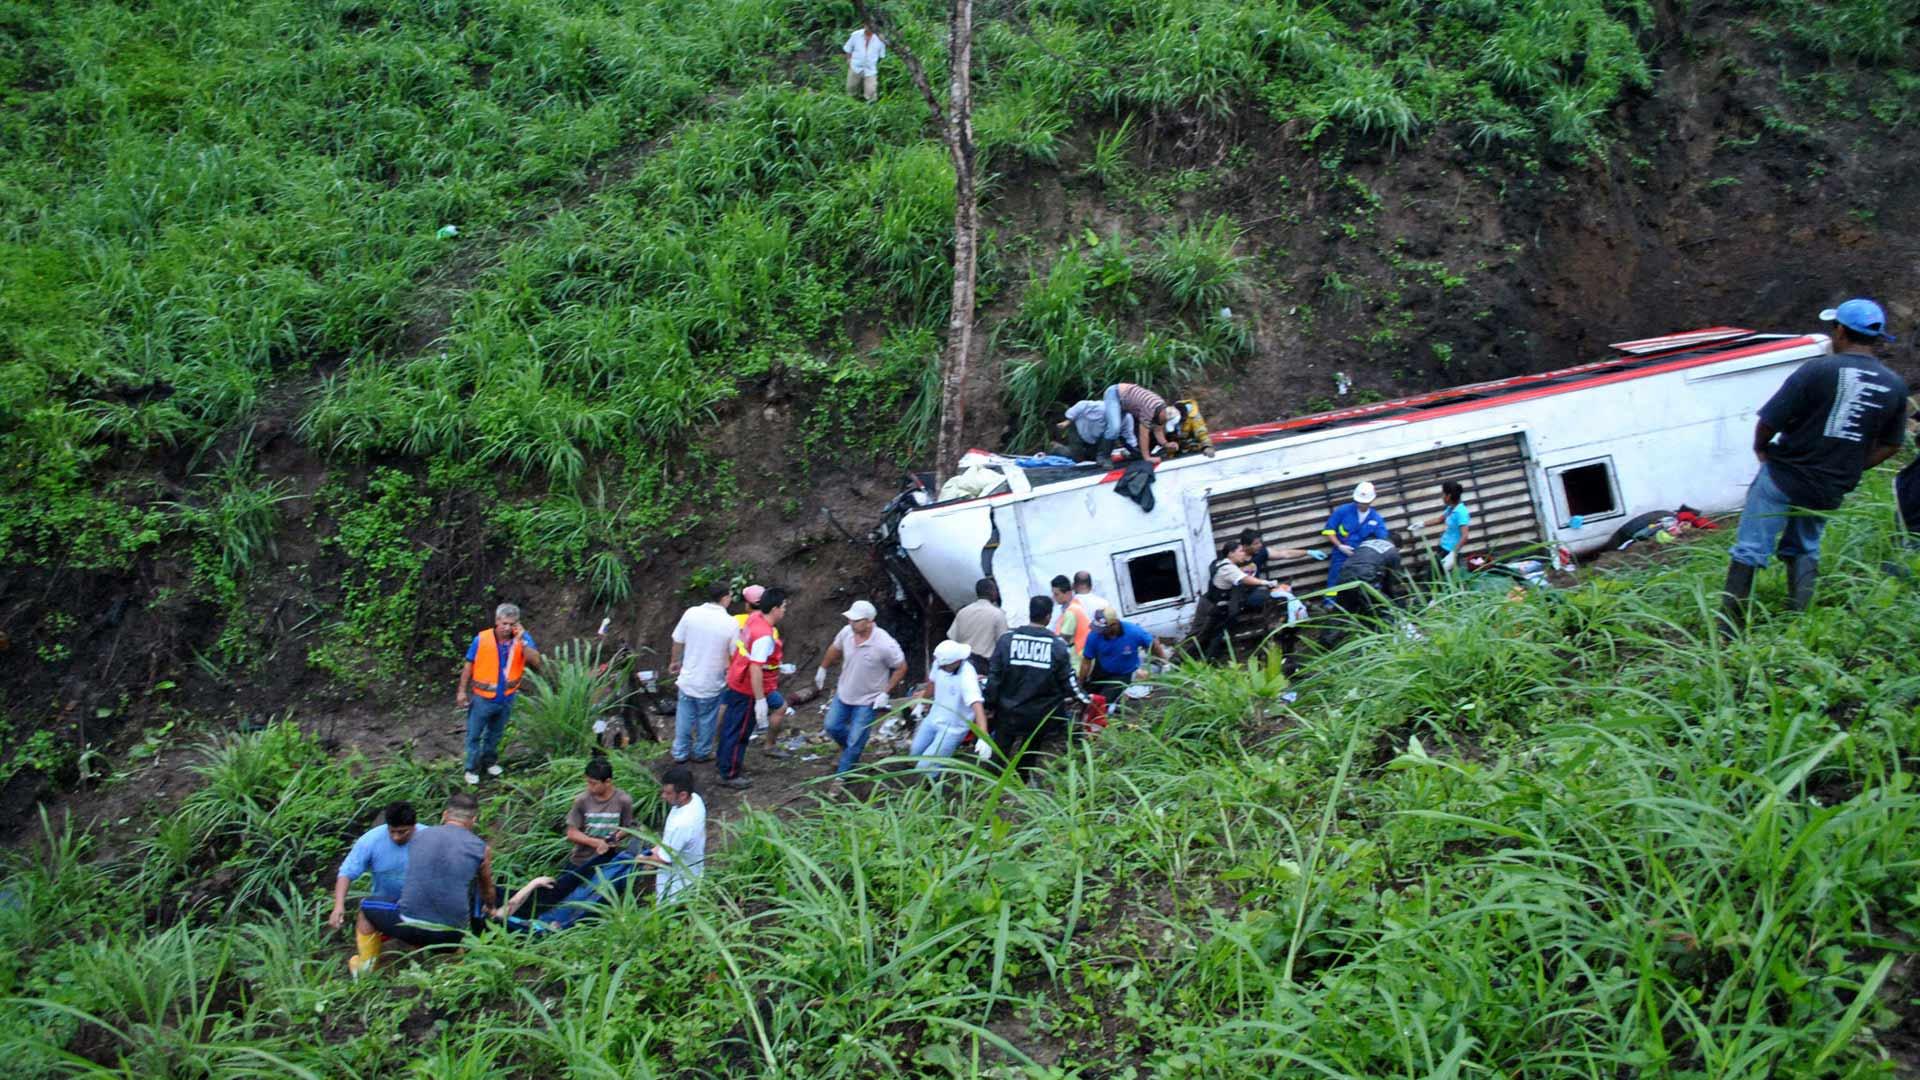 El siniestro ocurrió luego de que el autobús se accidentara en una carretera sinuosa y empinada